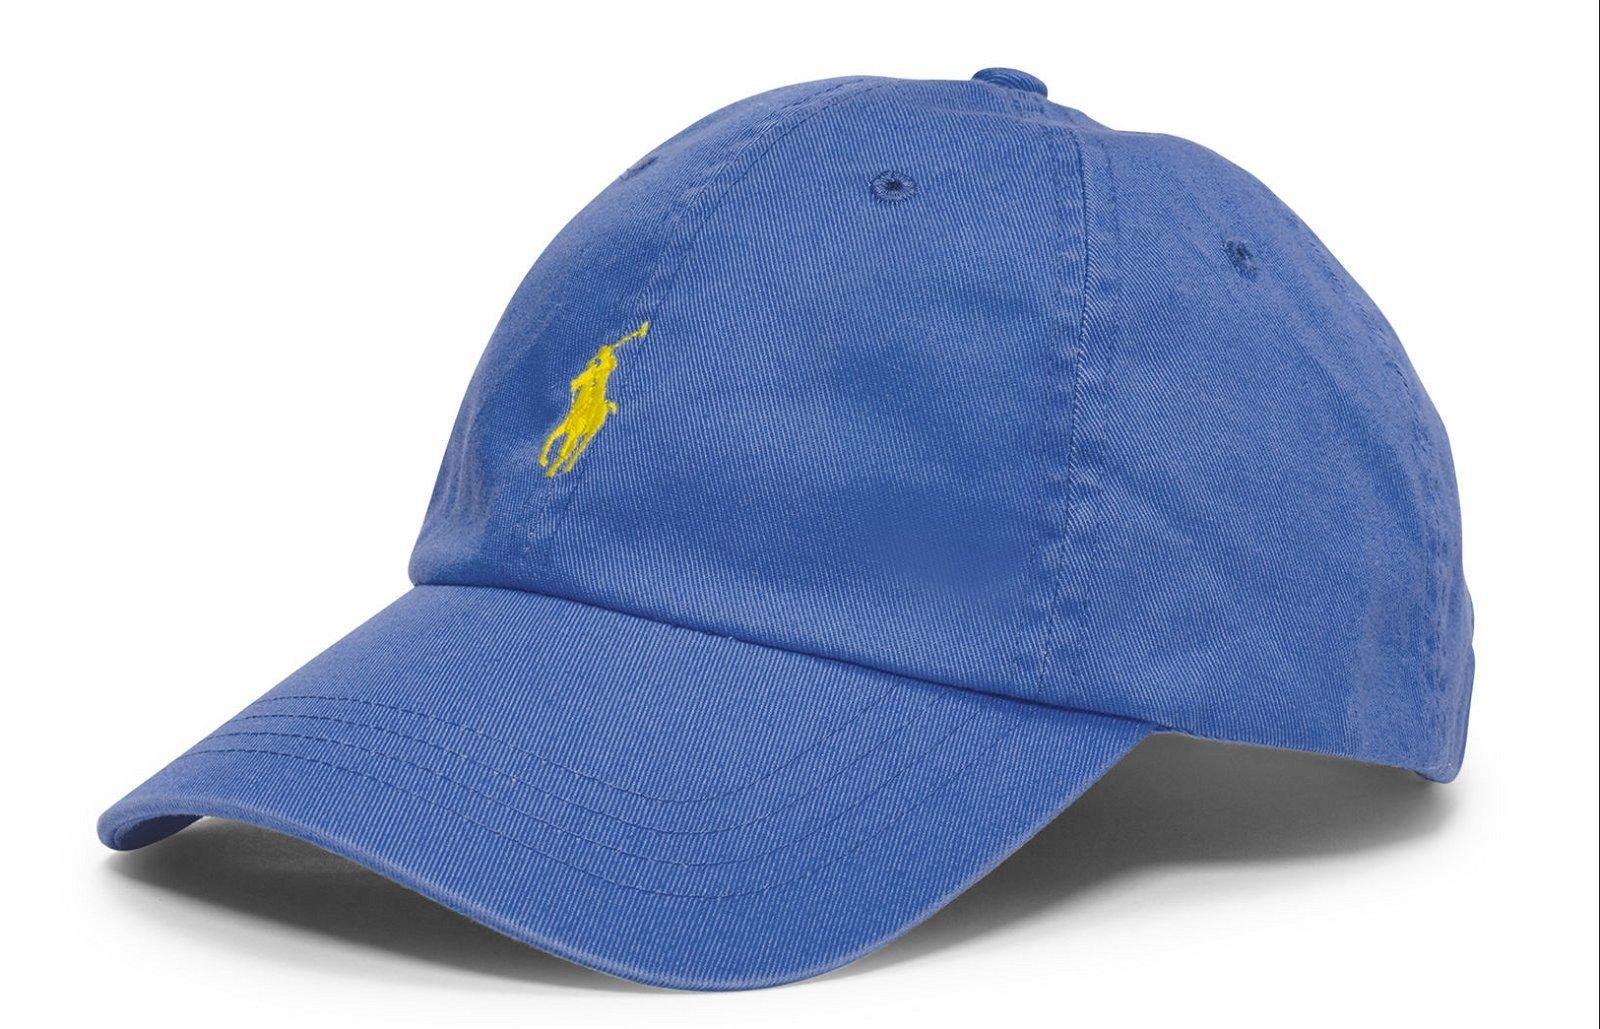 RALPH LAUREN Casquette bleu logo jaune - A81HT024CC447A4L43 ... c83ff3e1fe9